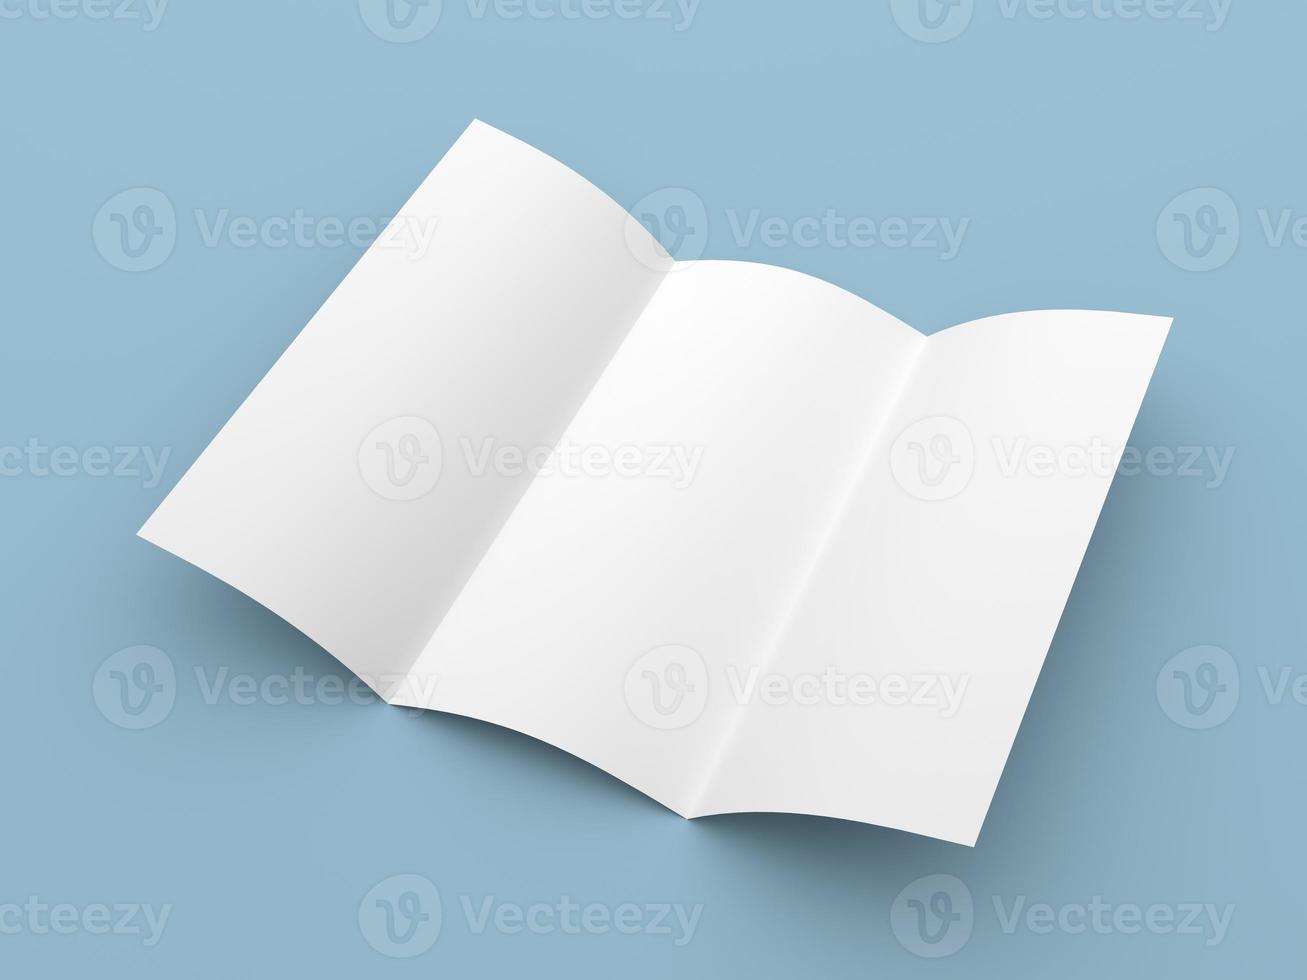 folleto tríptico en blanco papel blanco folleto foto